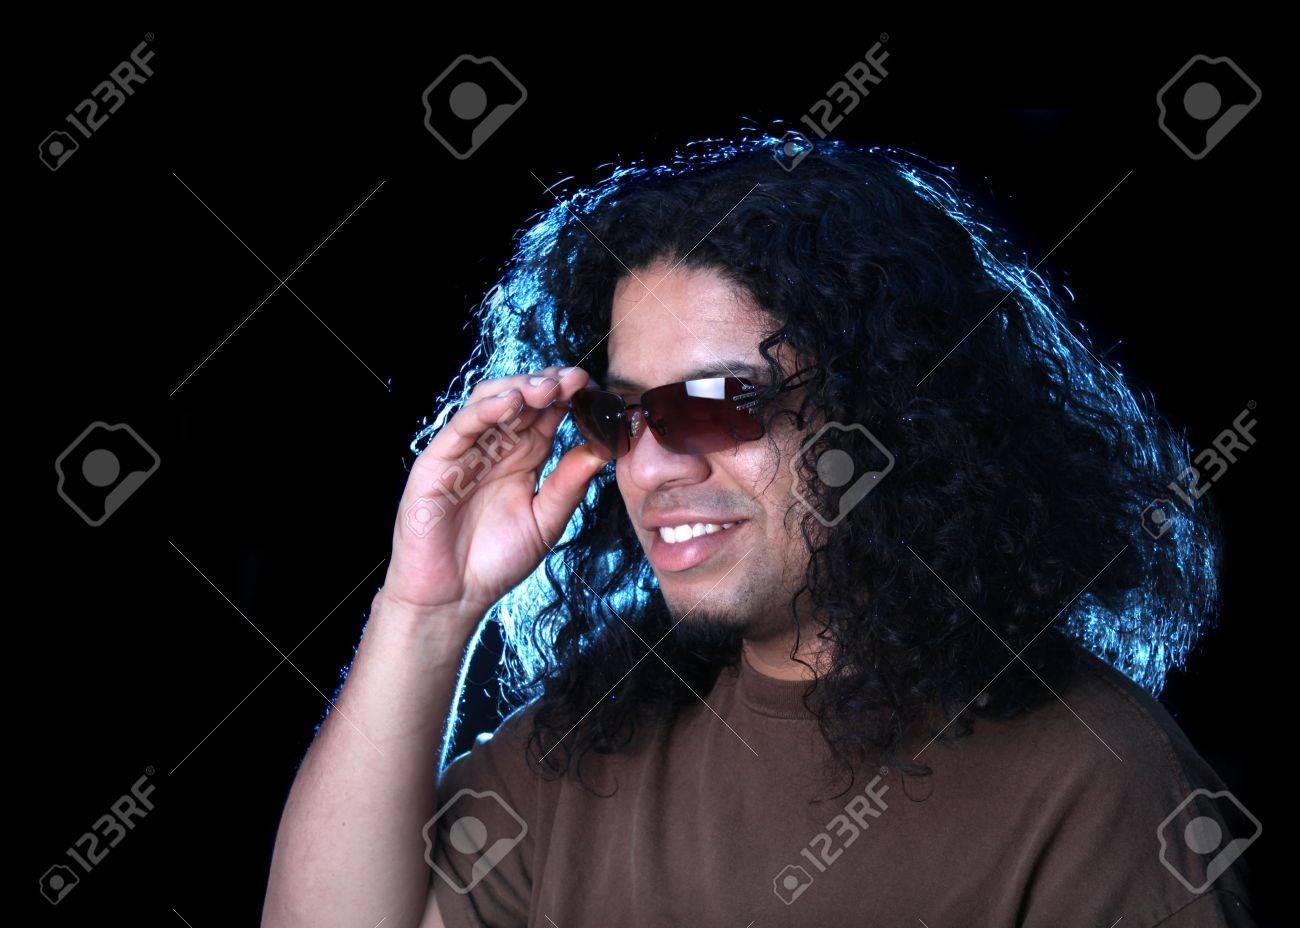 b61fd0834d Foto de archivo - Hombre étnica de los indígenas y la ascendencia  afroamericana verse bien con gafas de sol como las luces de iluminación  creativa su ...